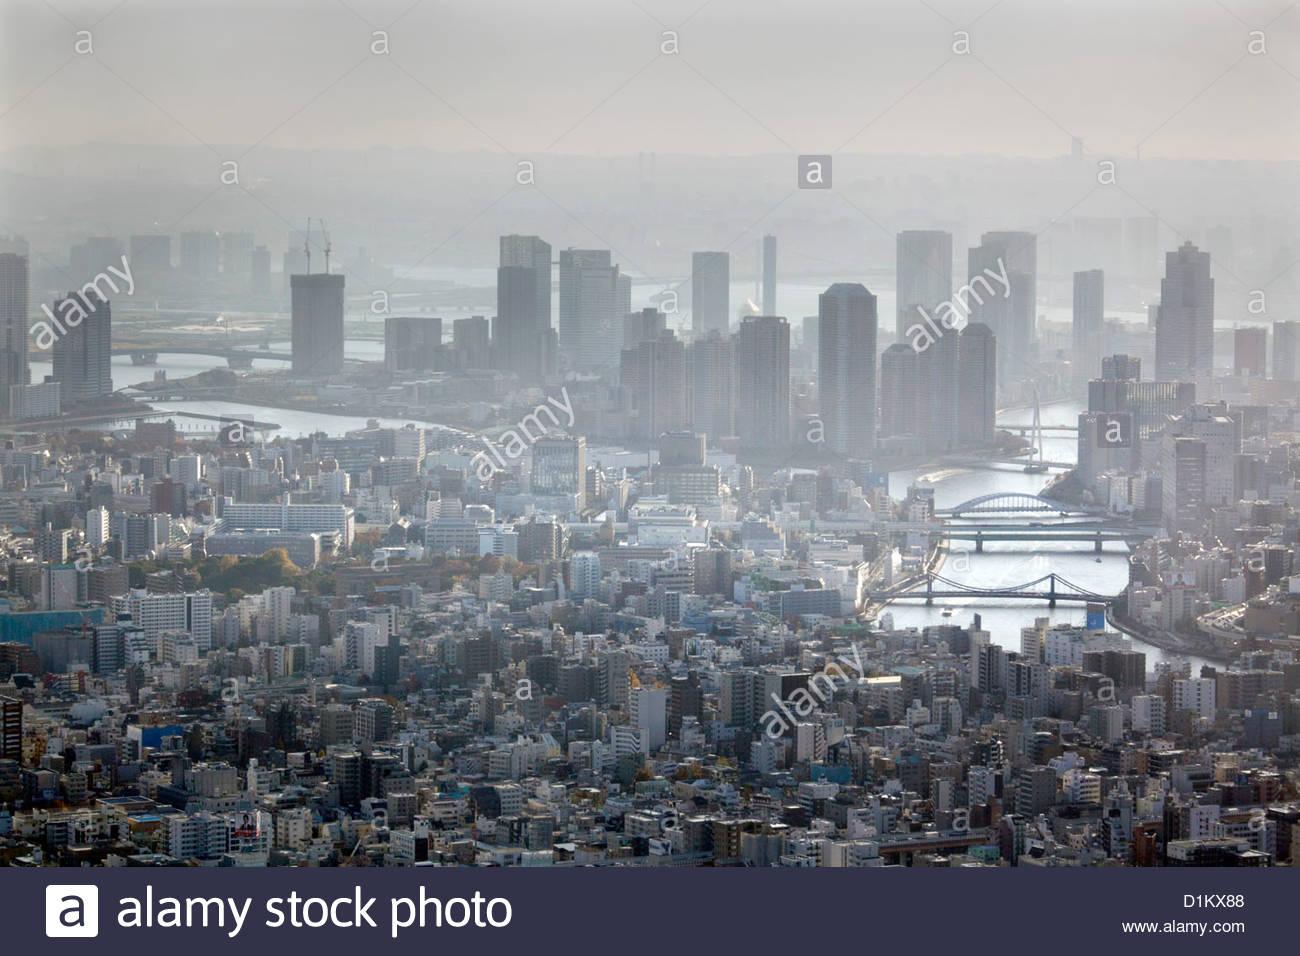 Vista aérea de Tokio riverside altos edificios de apartamentos y el río Sumida Imagen De Stock